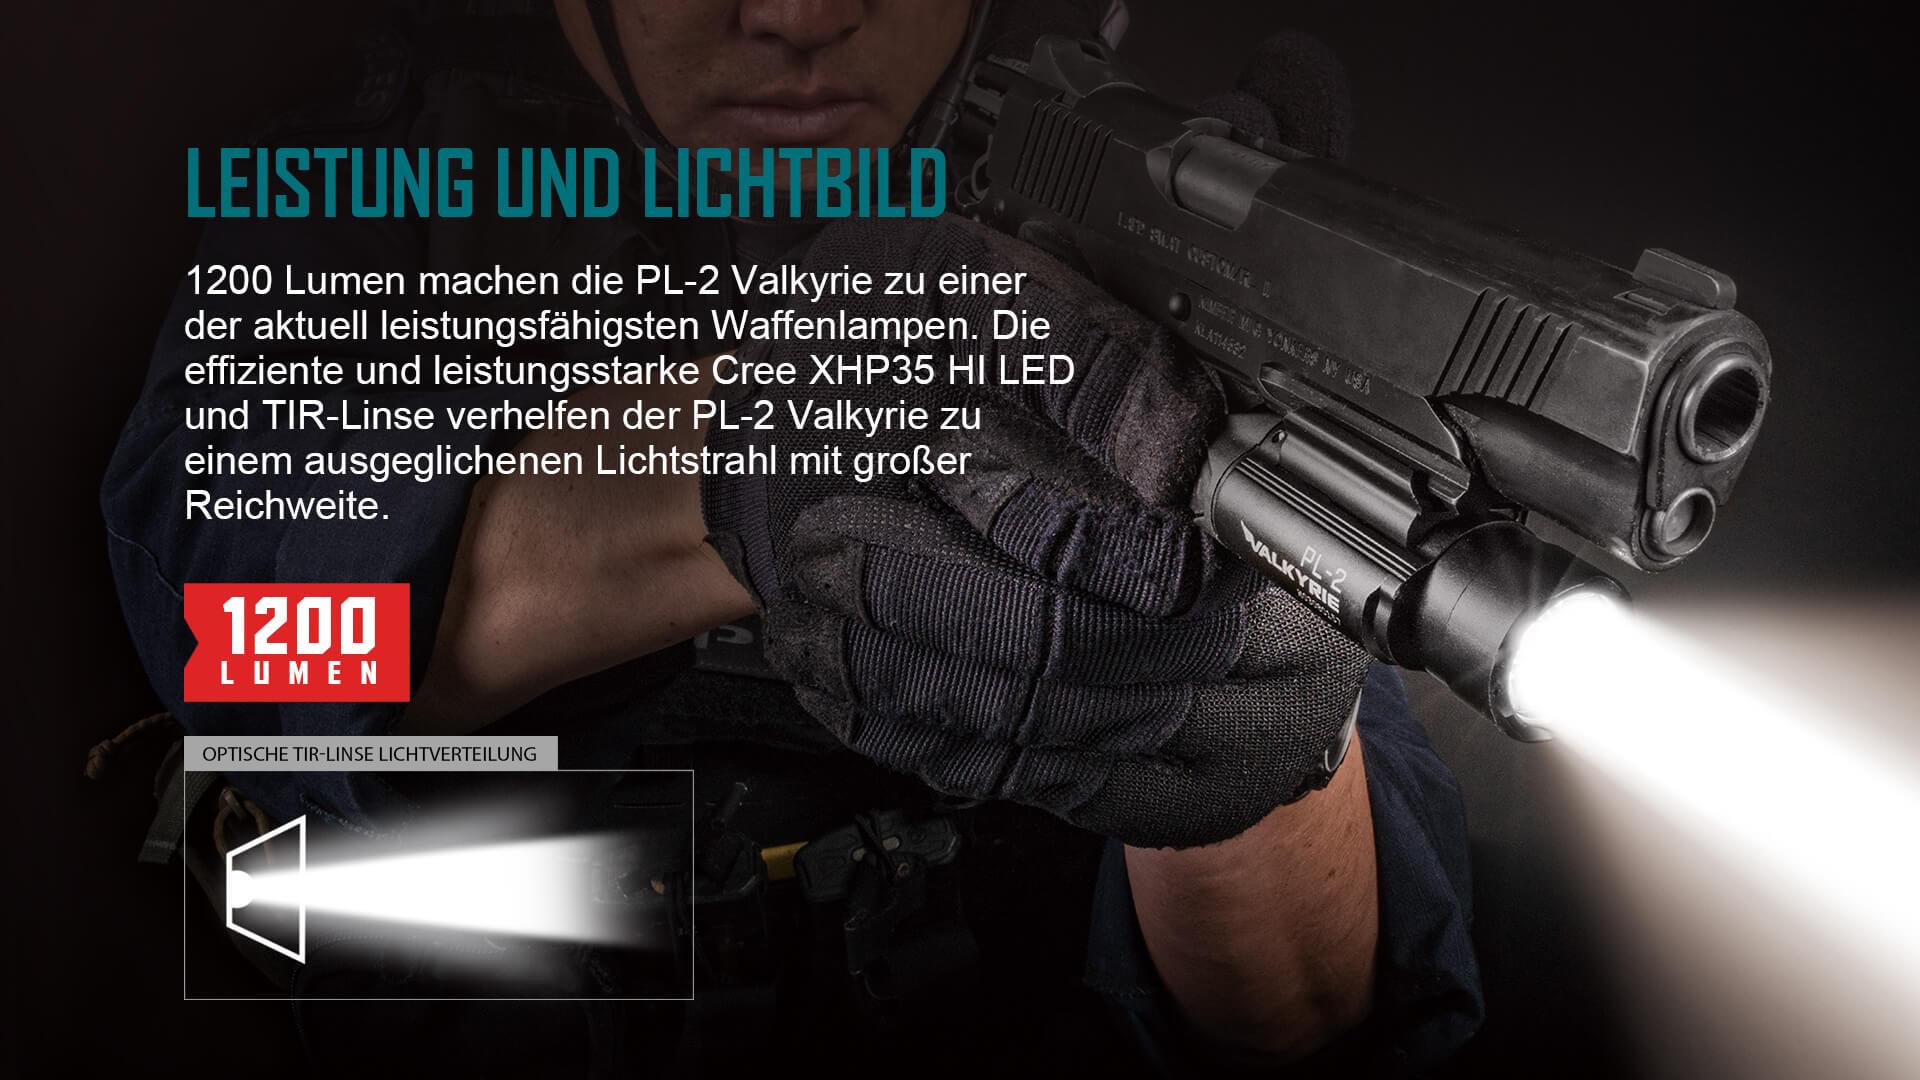 1200 Lumen machen die PL-2 Valkyrie zu einer der aktuell leistungsfähigsten Waffenlampen.